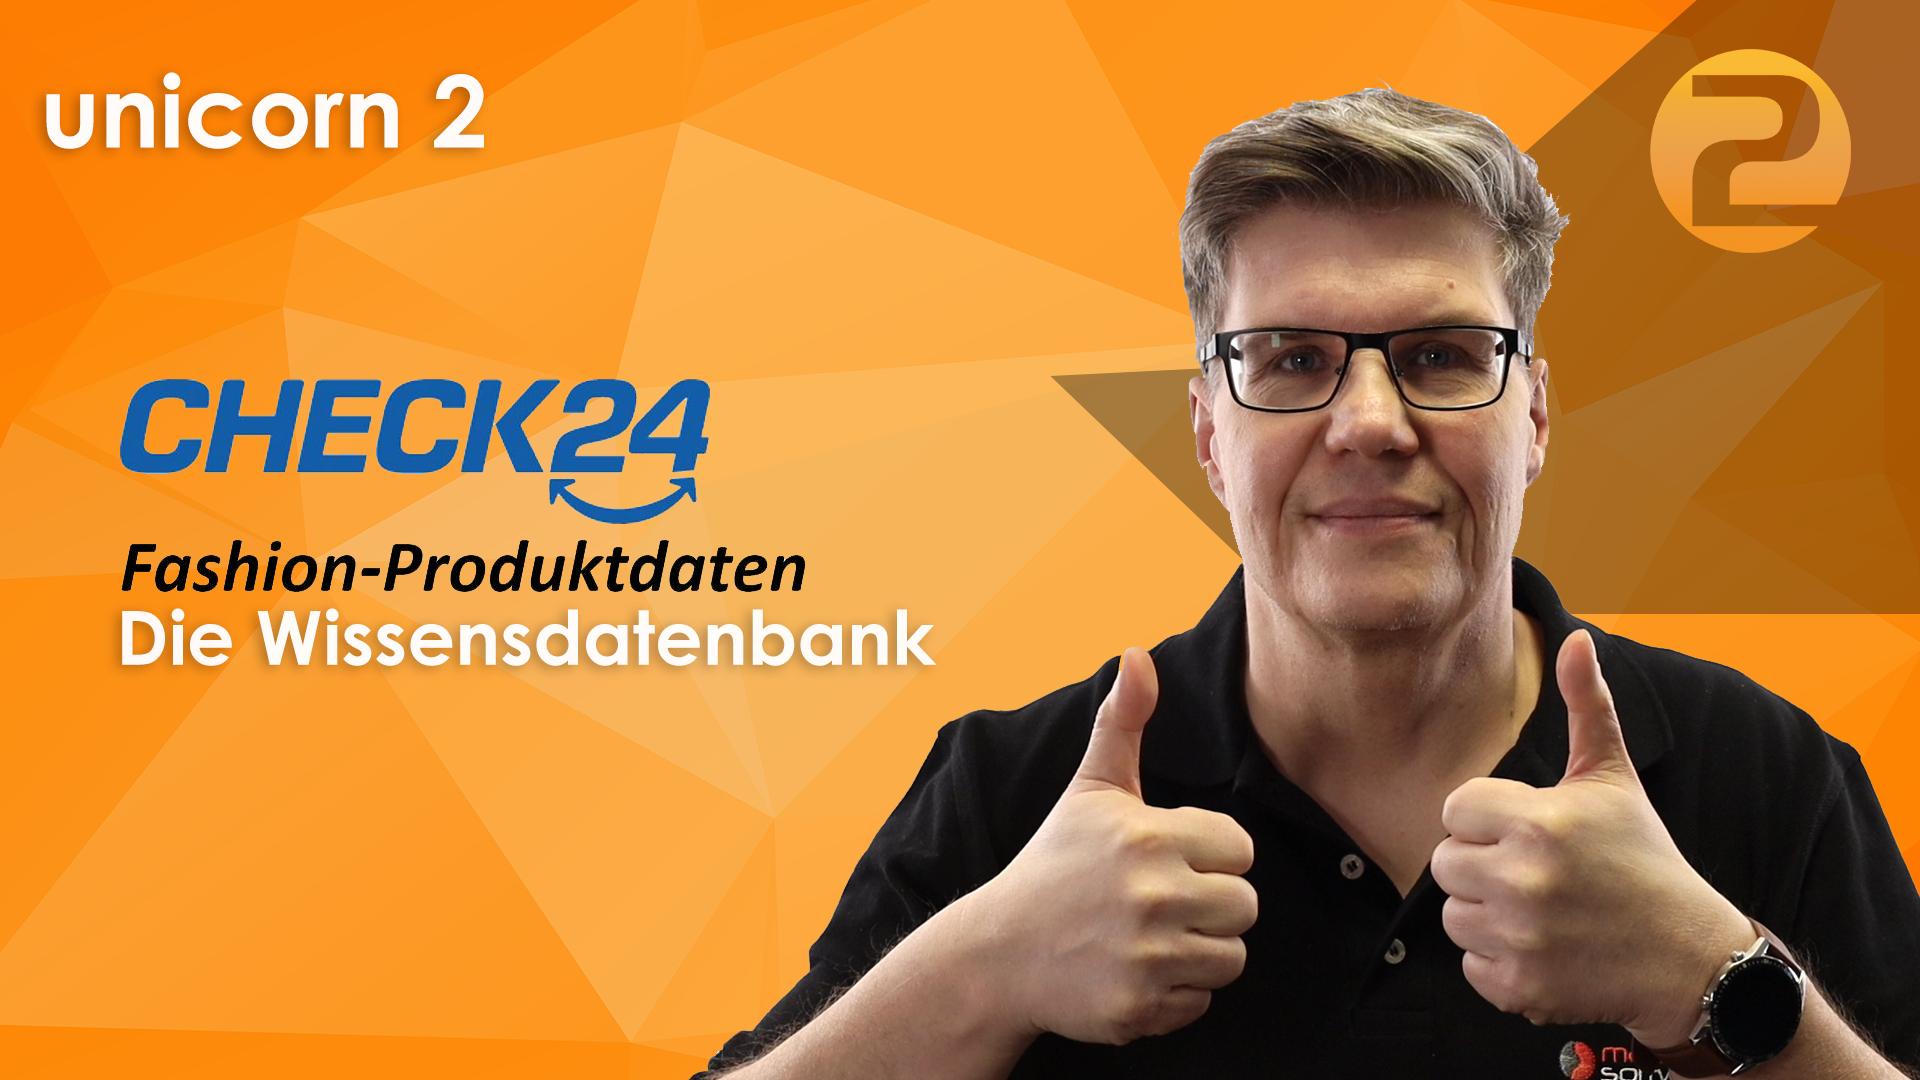 Das Bild zeigt eine Person und das Logo von CHECK24.